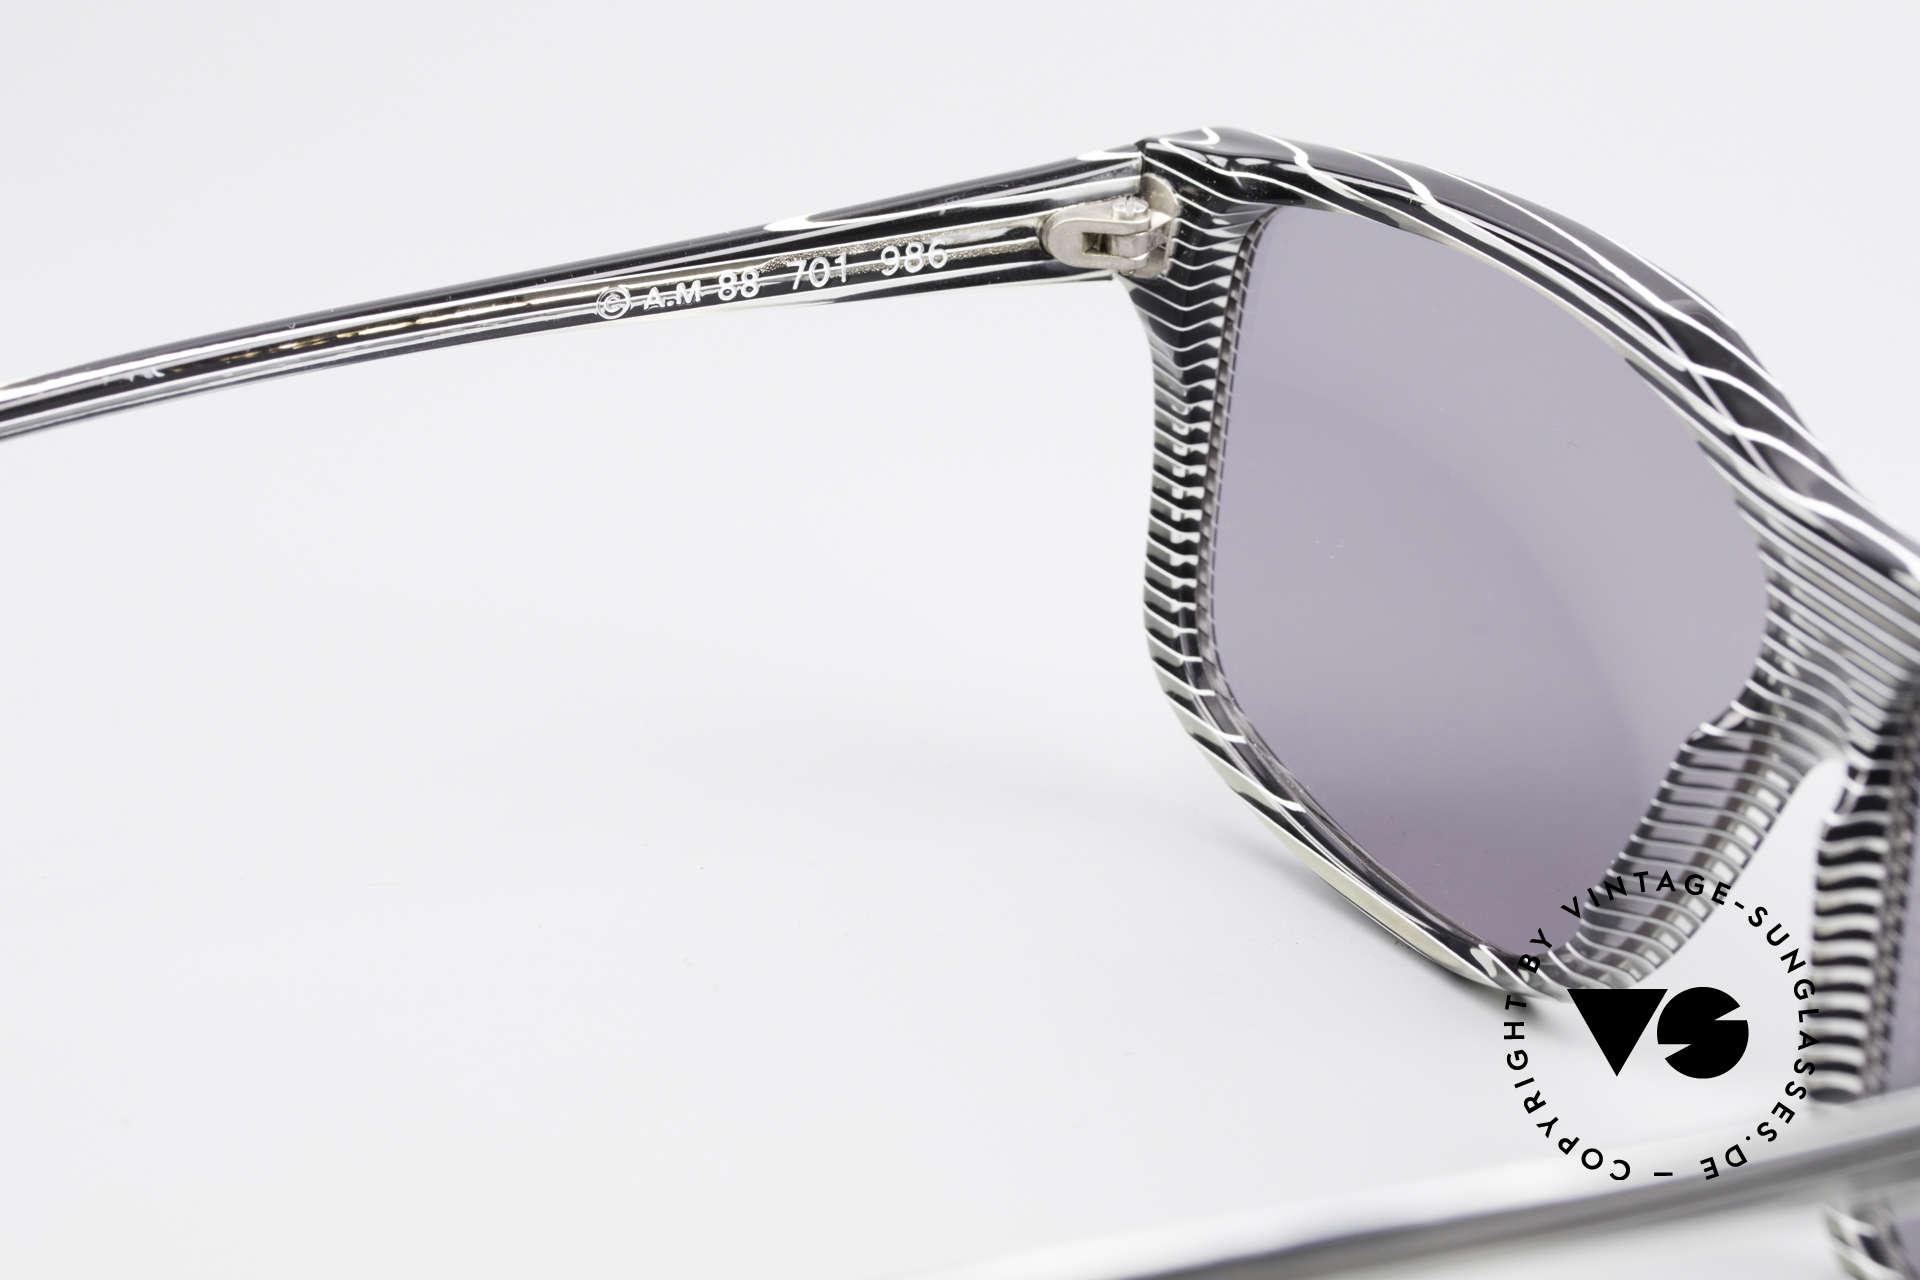 Alain Mikli 701 / 986 Rare Designer Sonnenbrille, die Sonnengläser können durch optische ersetzt werden, Passend für Damen